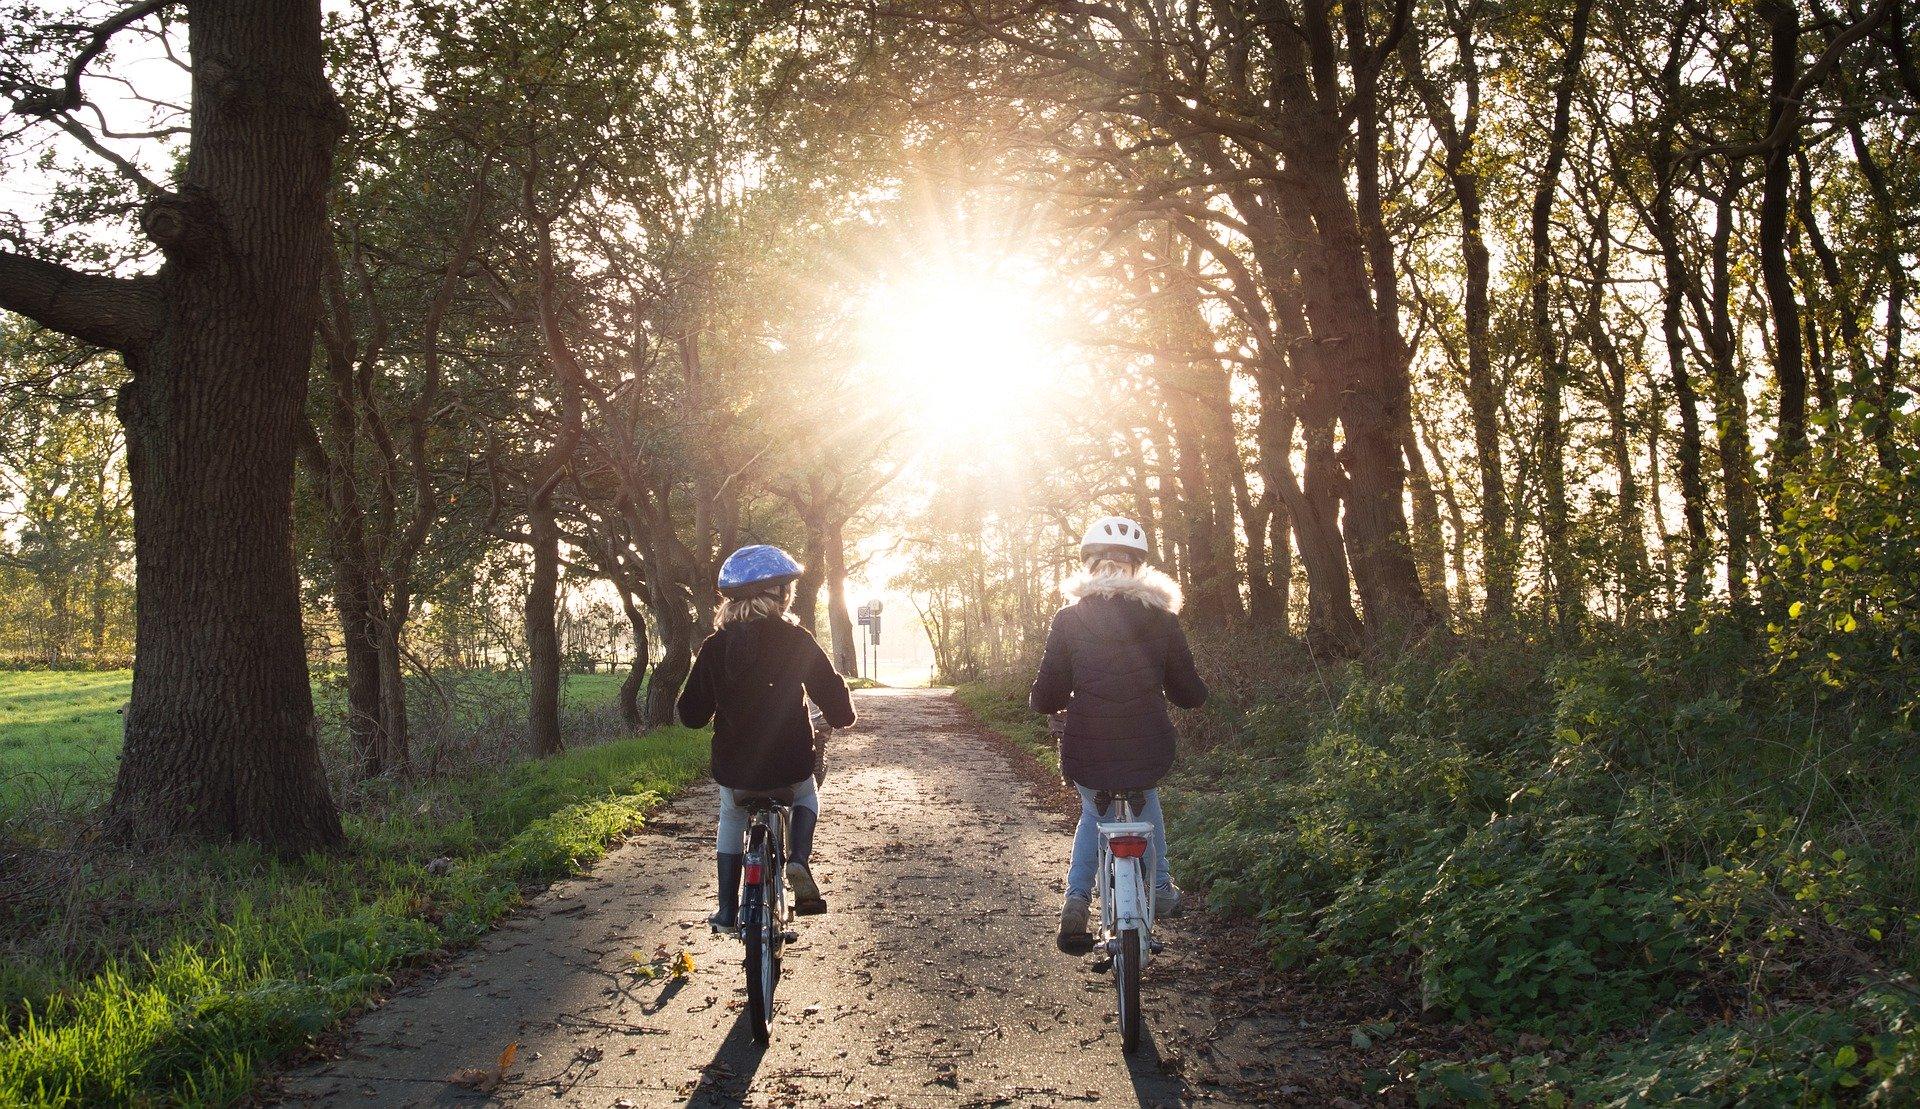 Vers un vélo électrique vert qui se recharge tout seul?